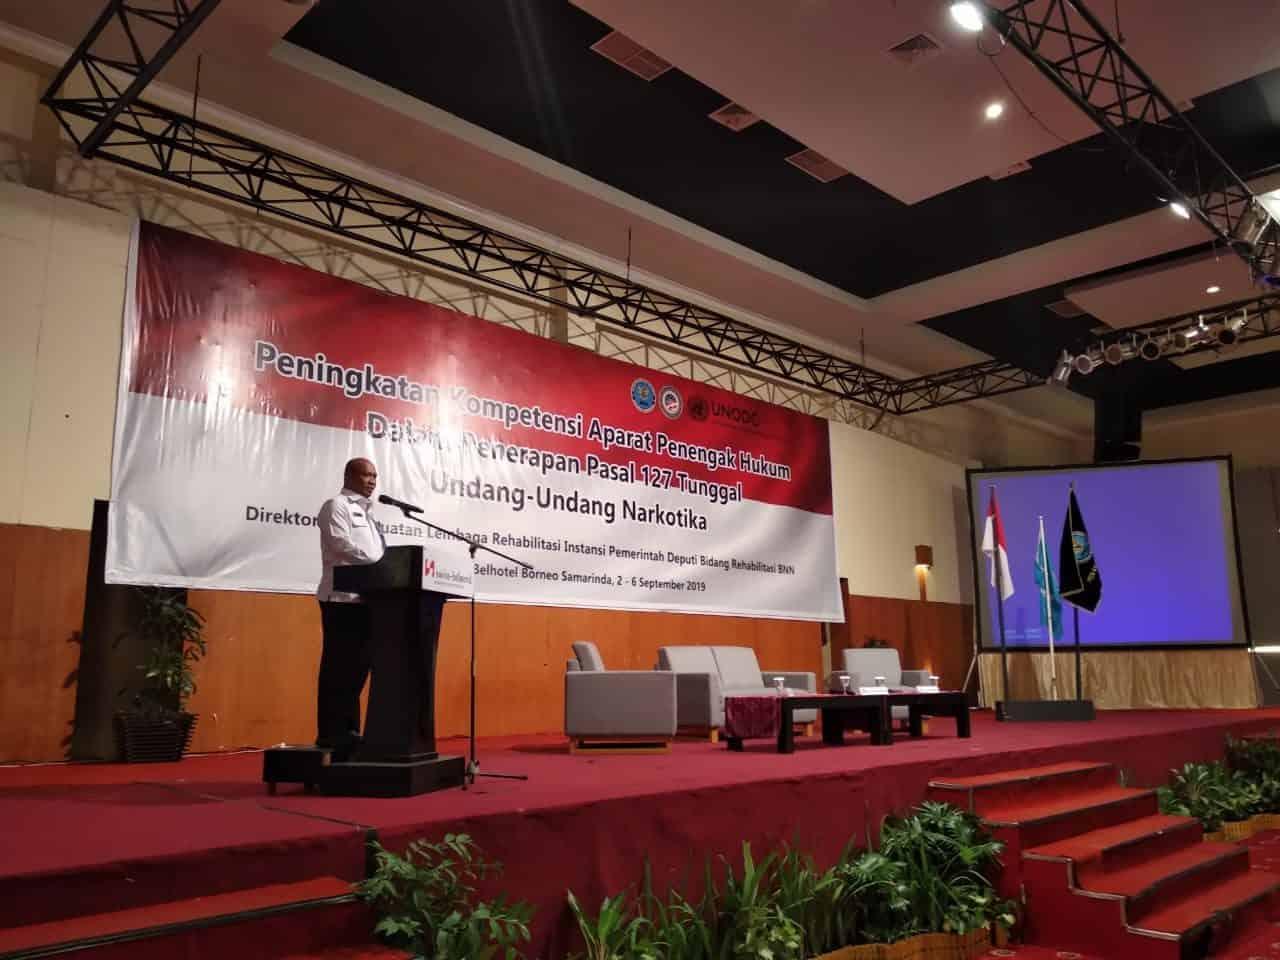 Arahan Irtama BNN dalam kegaitan Peningkatan Kompetensi Aparat Penegak Hukum